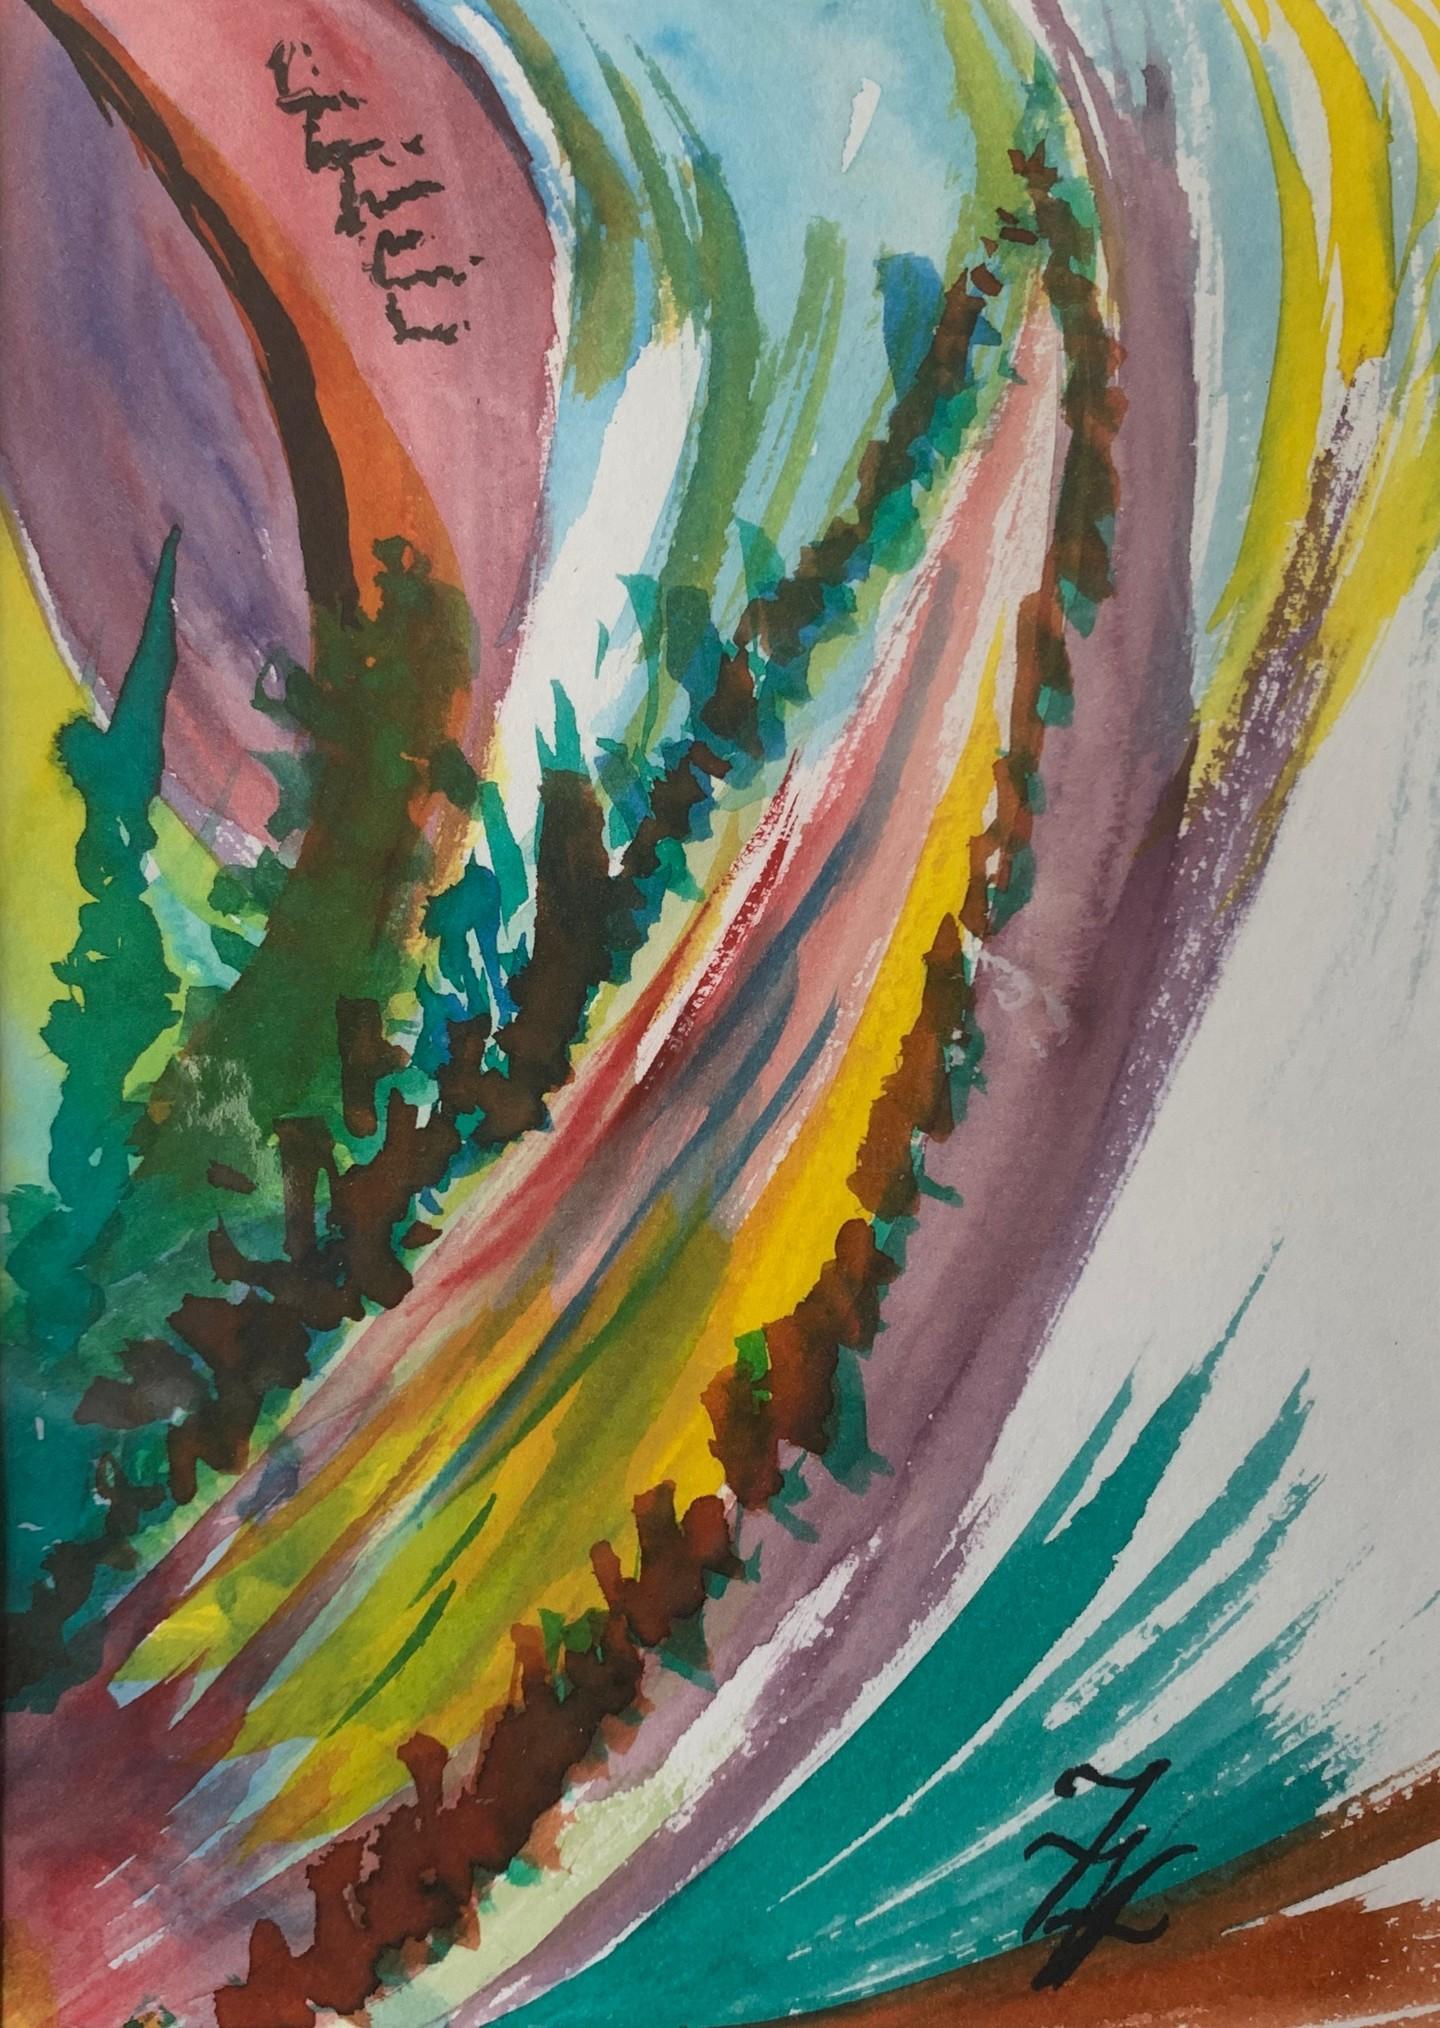 Zoé Valy - Rêve coloré -